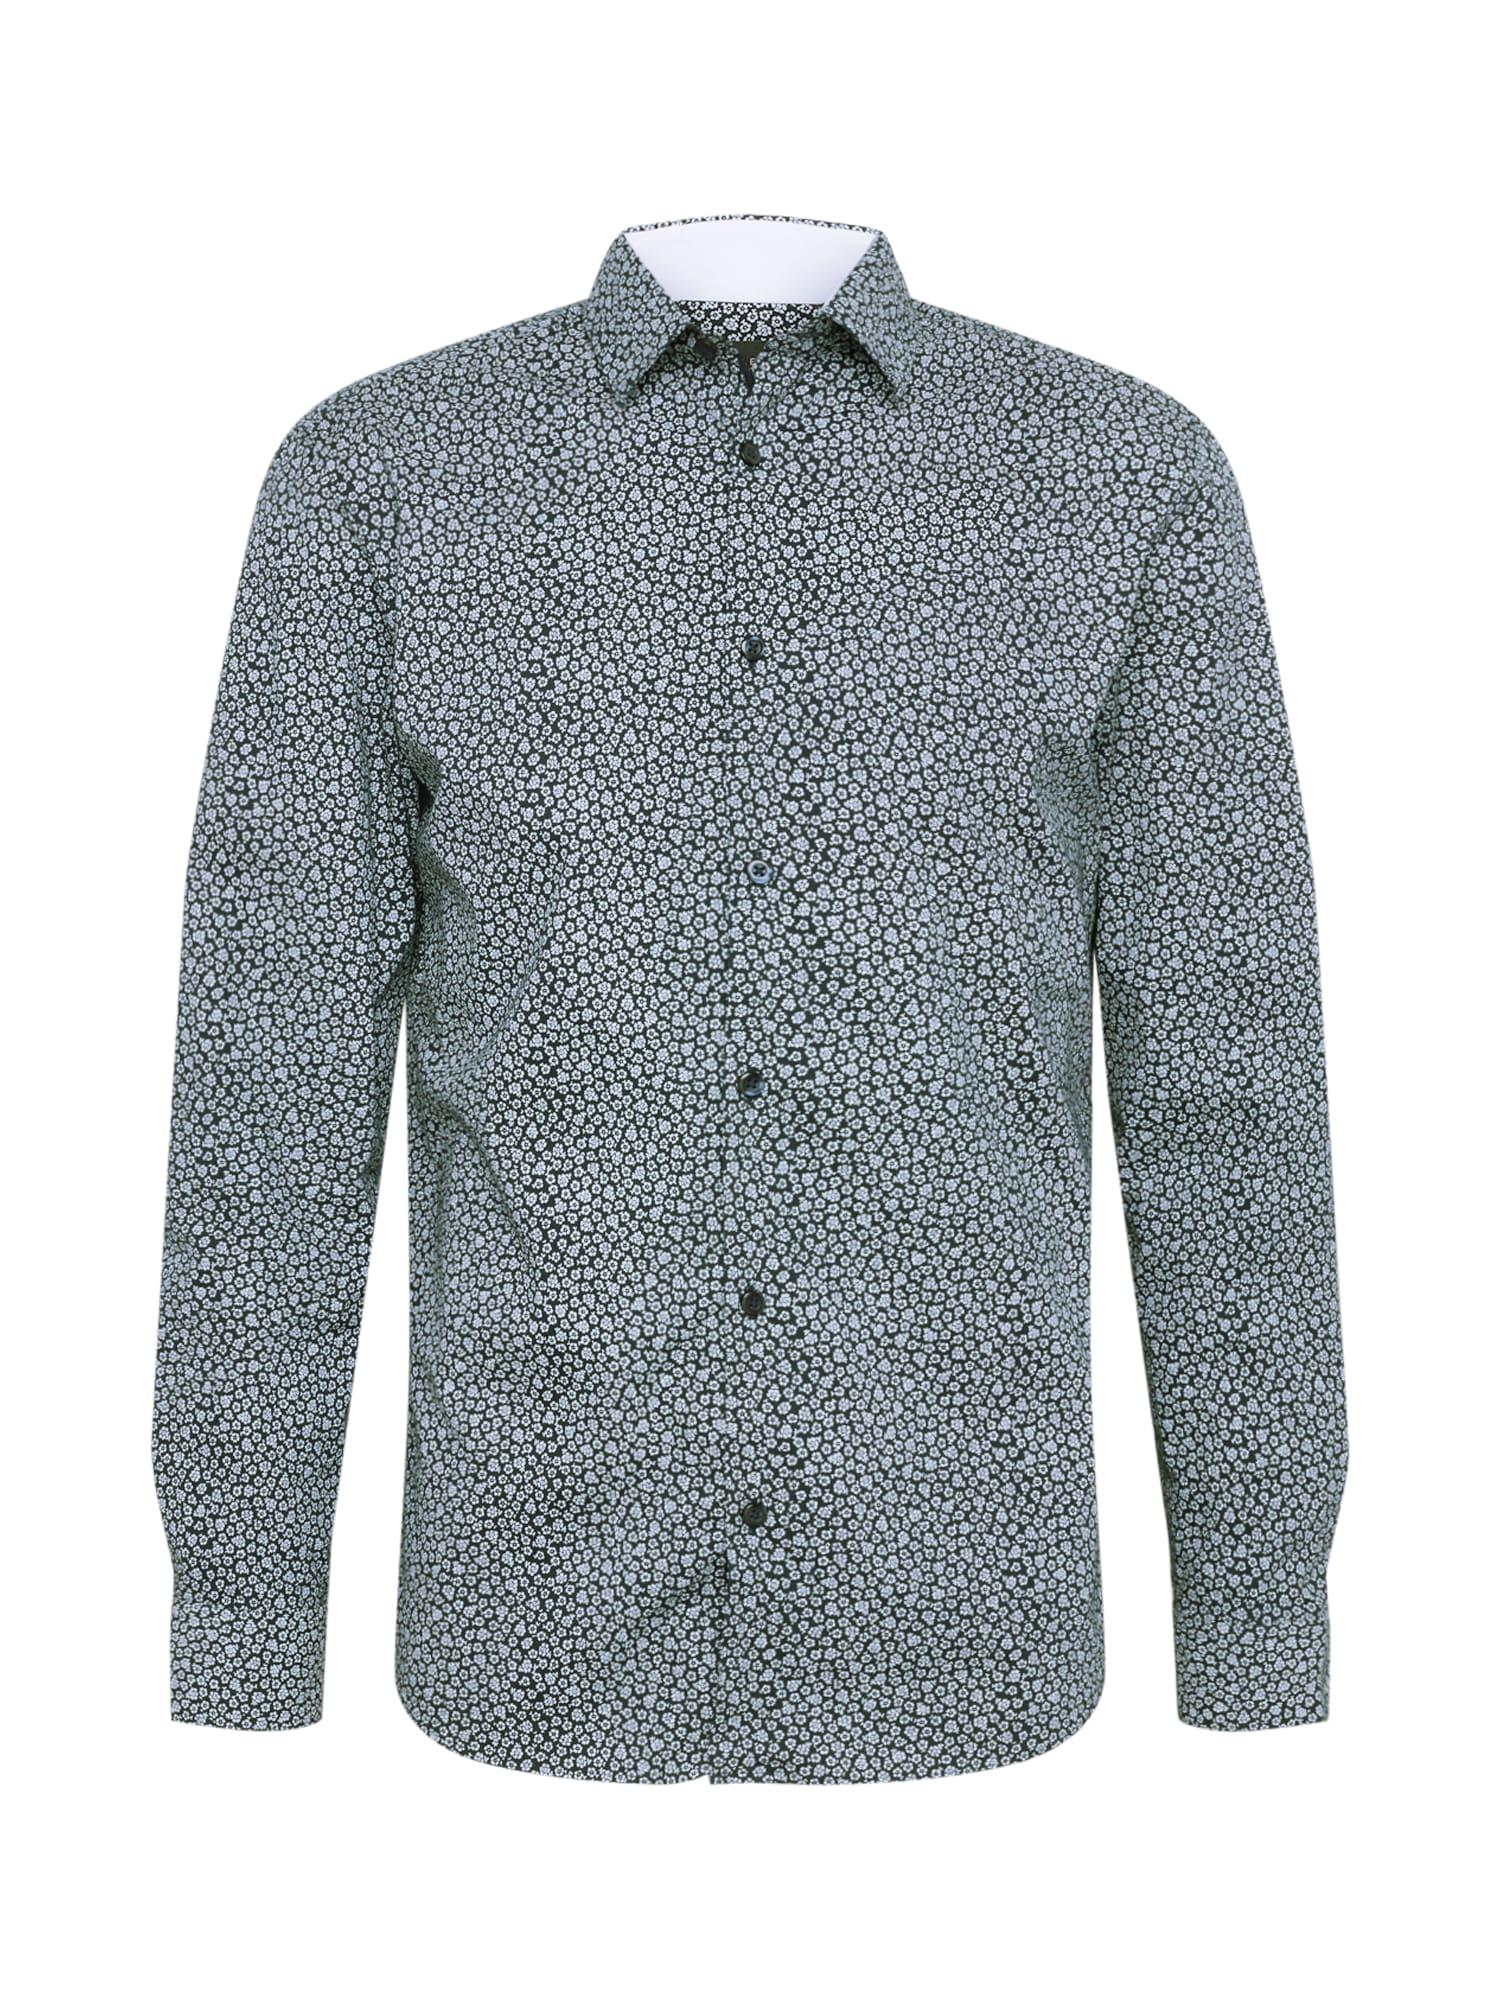 Košile DONENEW-MARK tmavě modrá šedá SELECTED HOMME